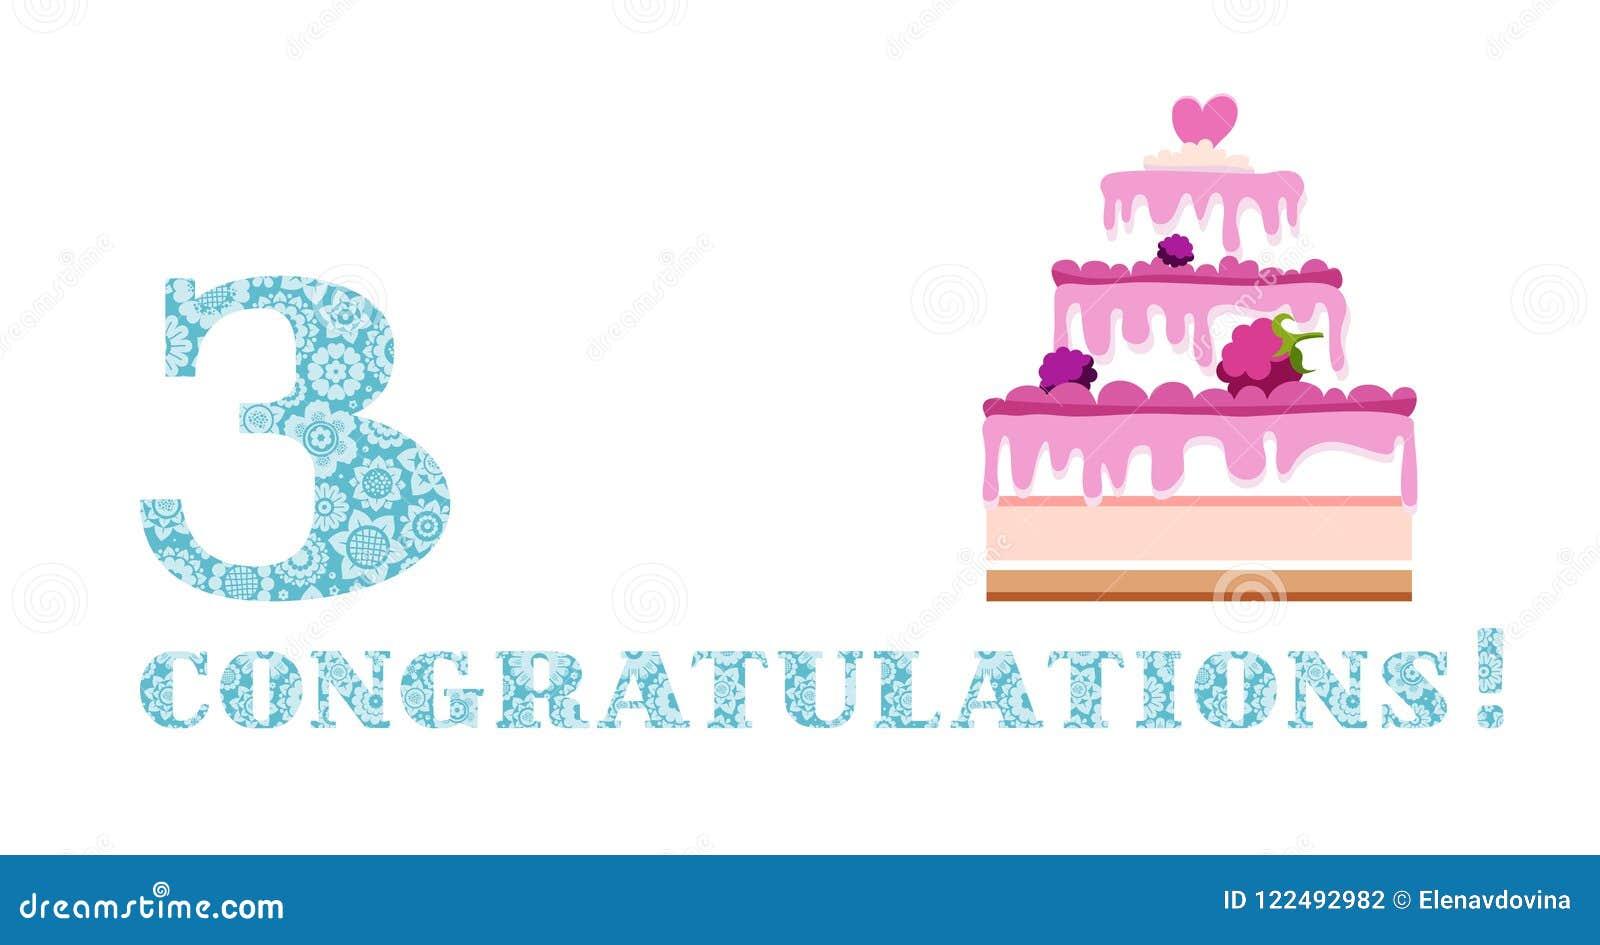 Anniversary greetings 3 years berry cake english white blue anniversary greetings 3 years berry cake english white blue vector m4hsunfo